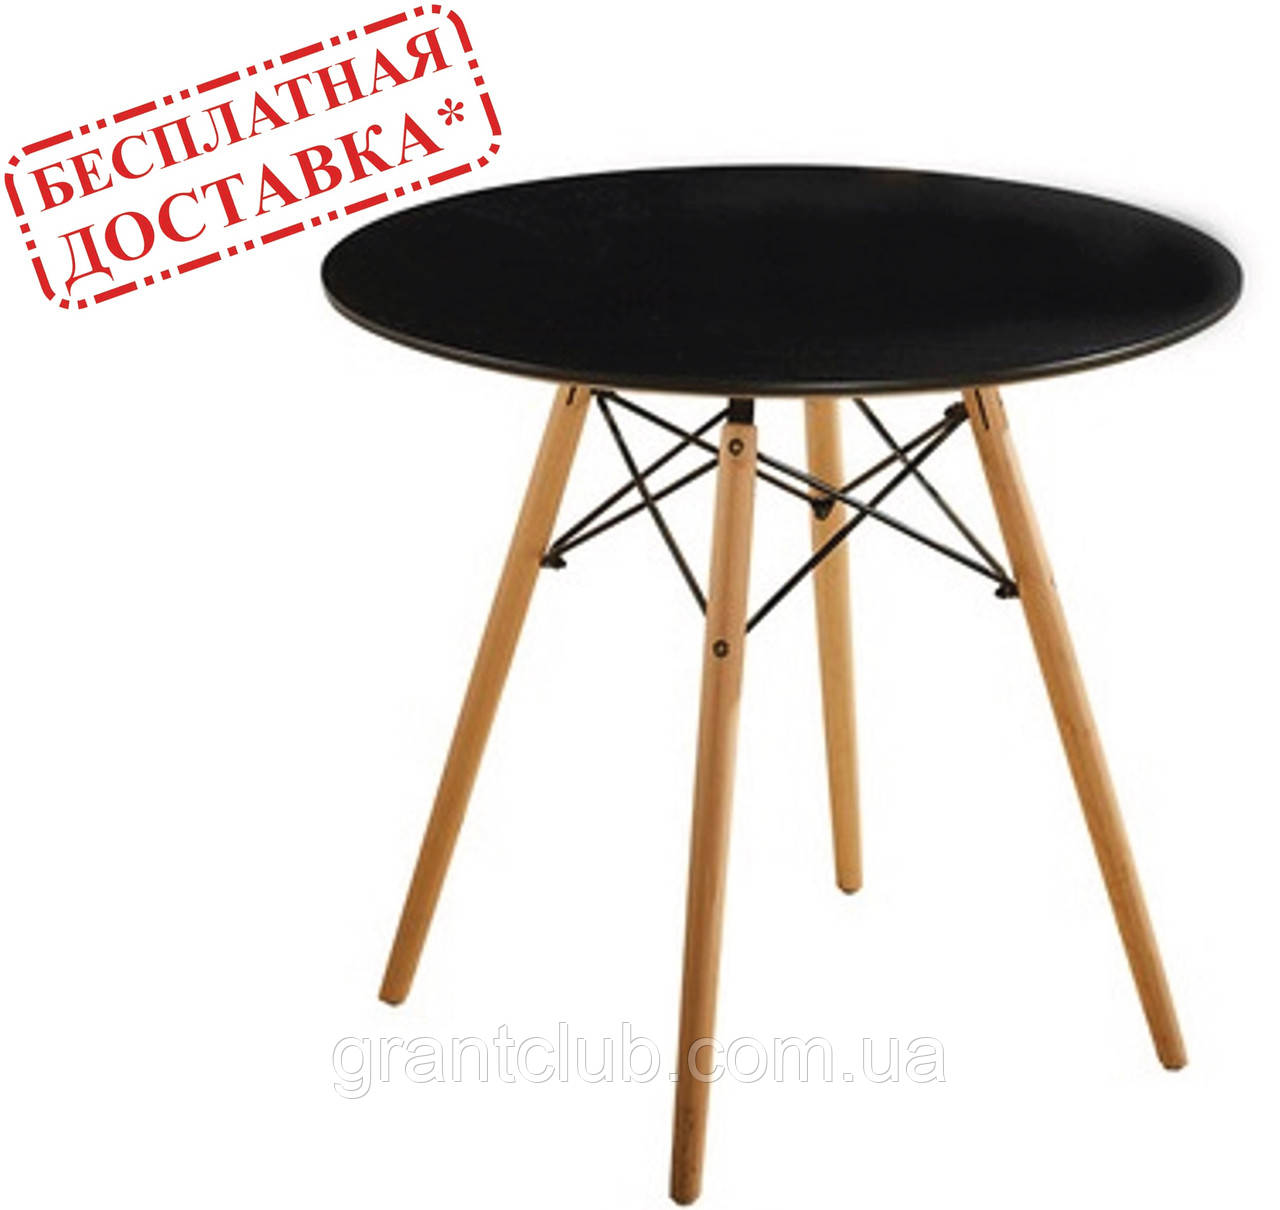 Стол обеденный Тауэр Вуд черный 60 см на буковых ножках круглый SDM Group (бесплатная доставка)